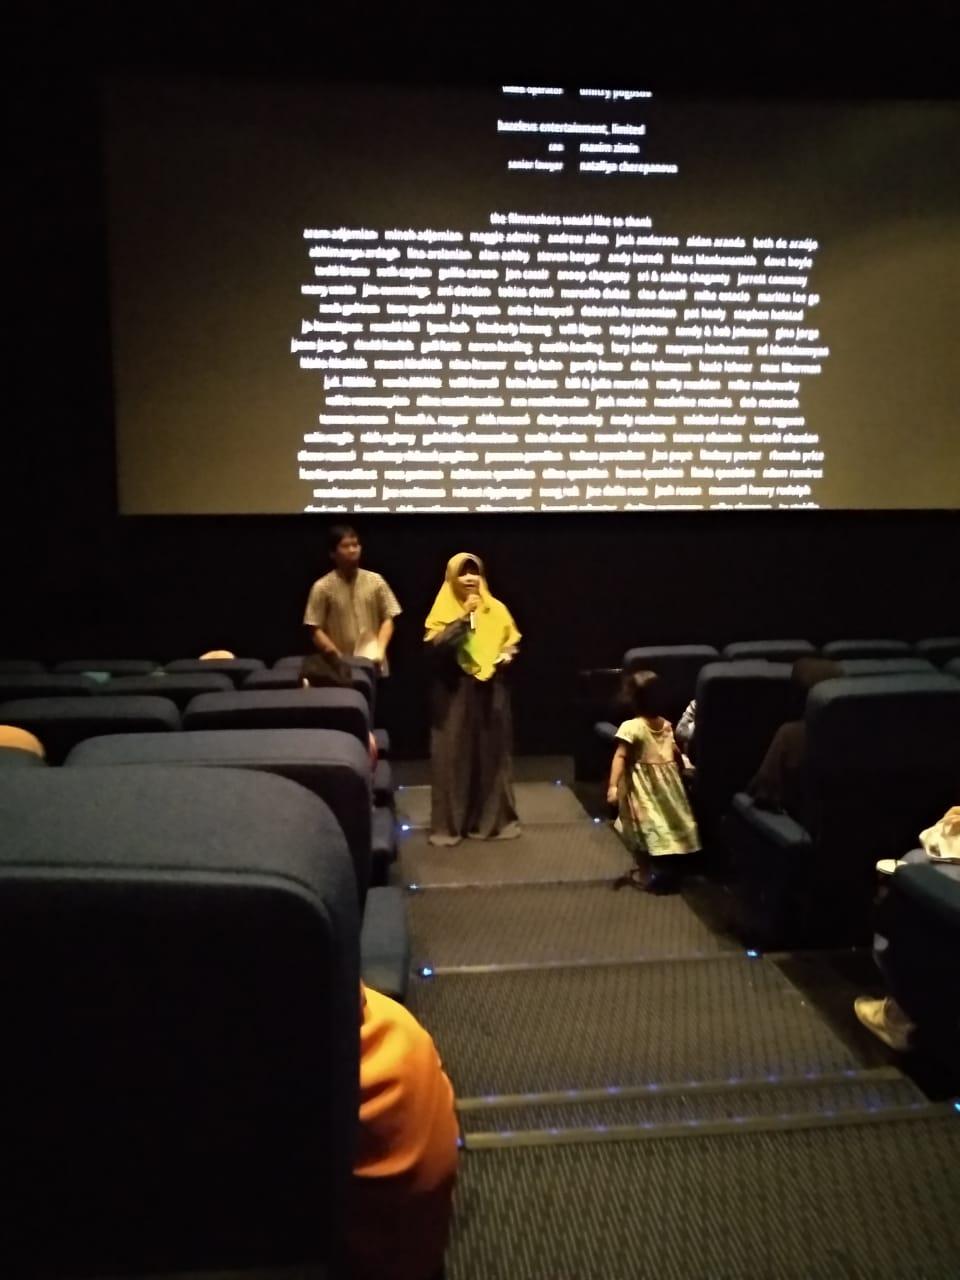 Ratusan Emak-Emak Geruduk Bioskop Luncurkan MakHijrah